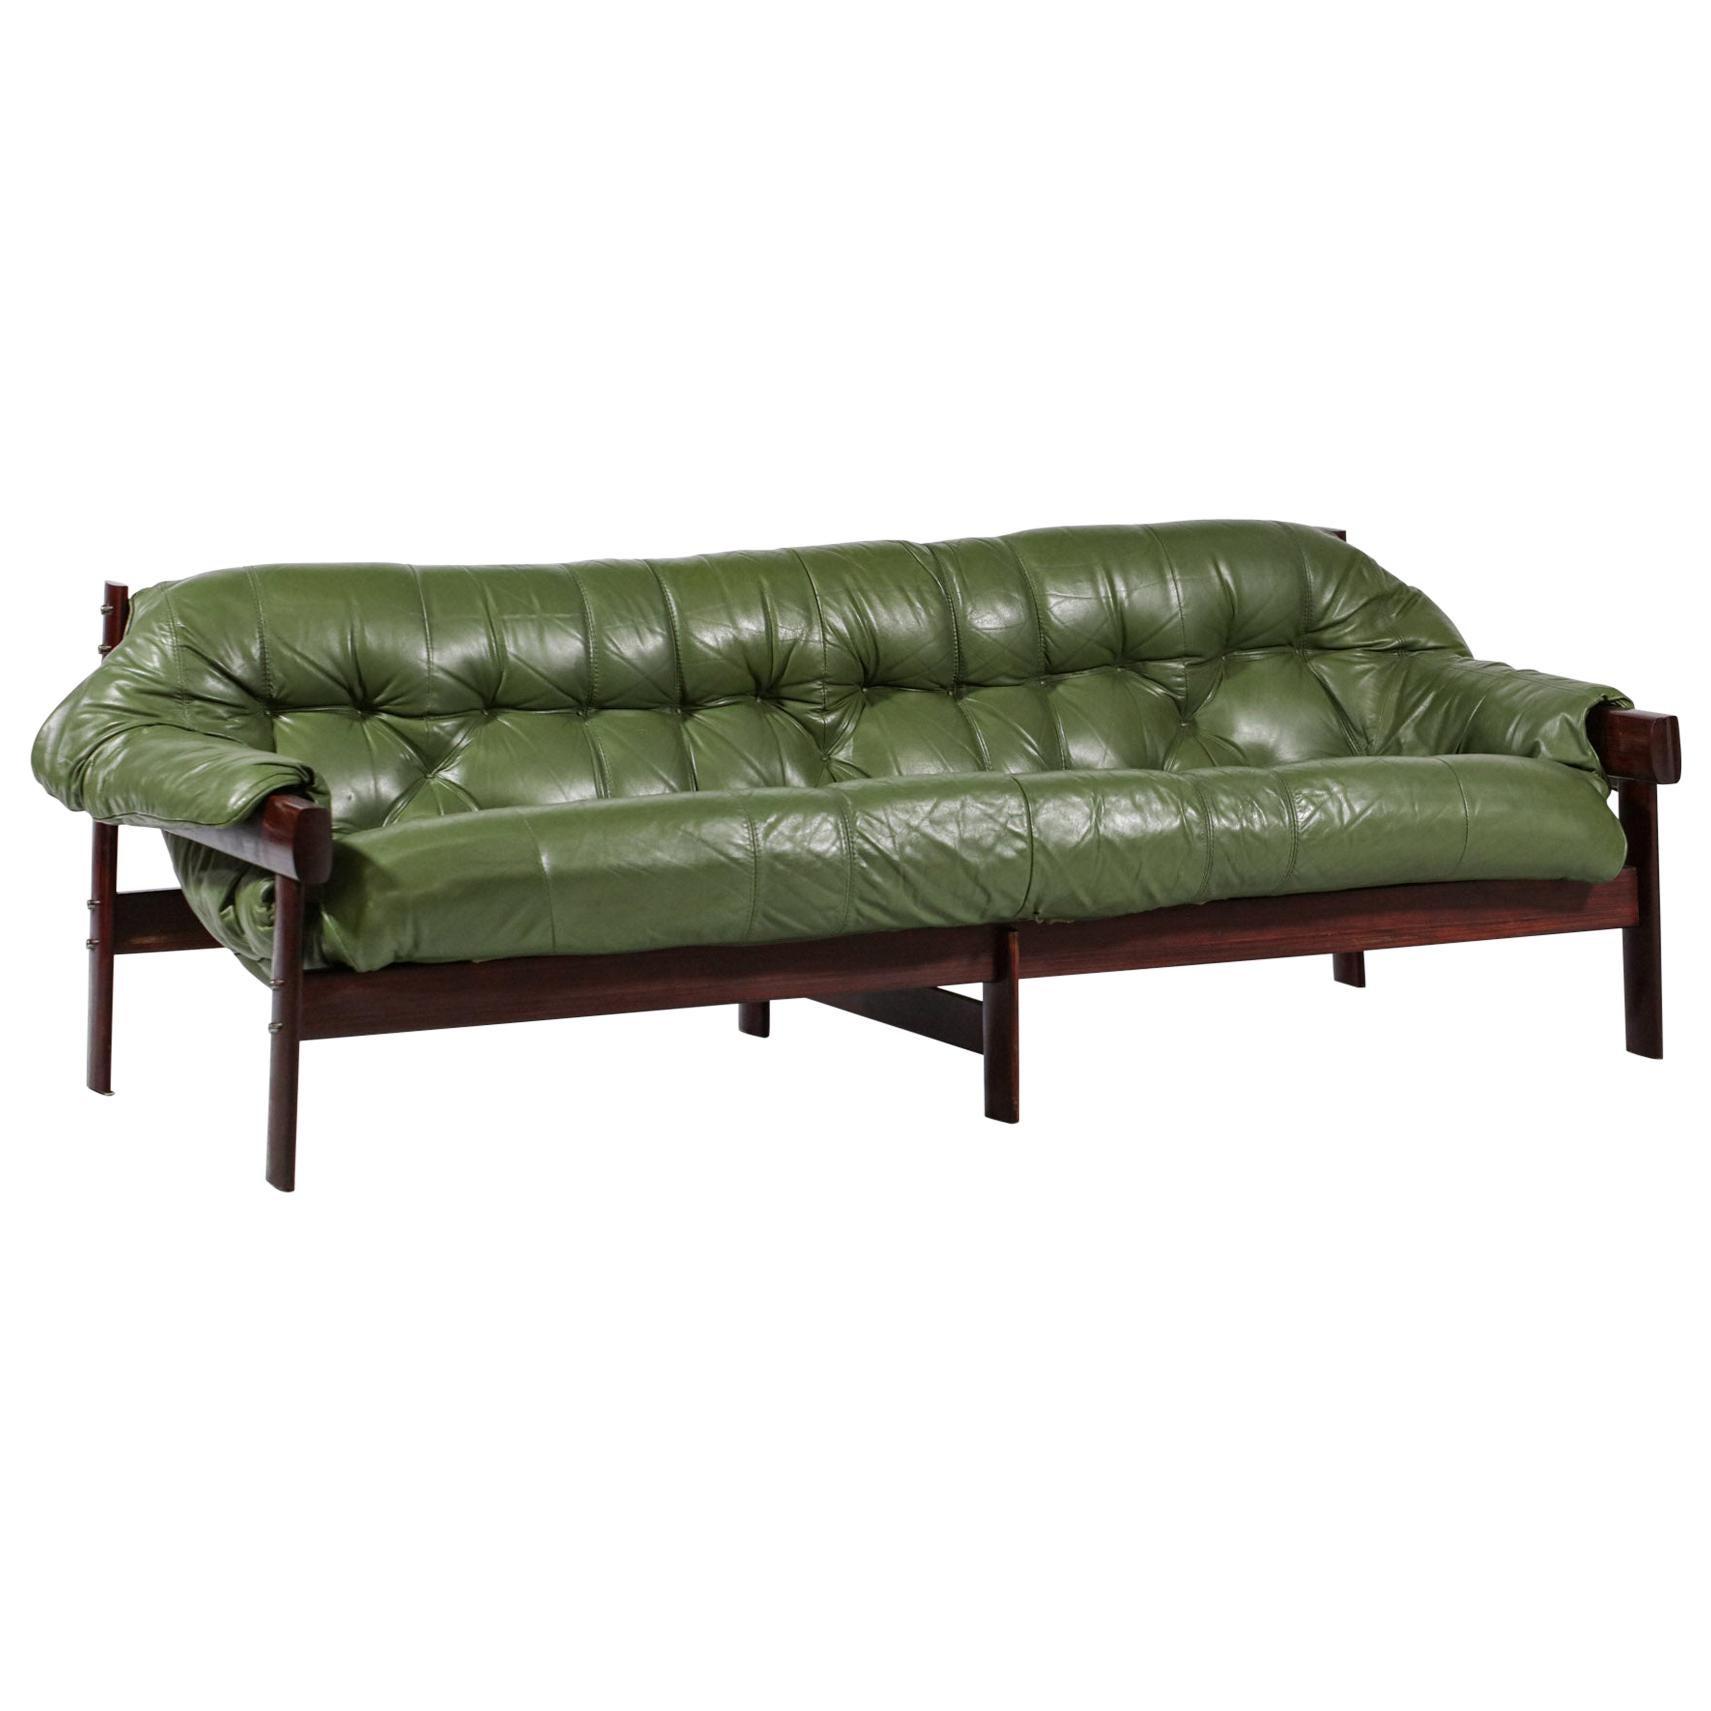 Three-Seater Sofa by Brazilian Designer Percival Lafer Design Leather